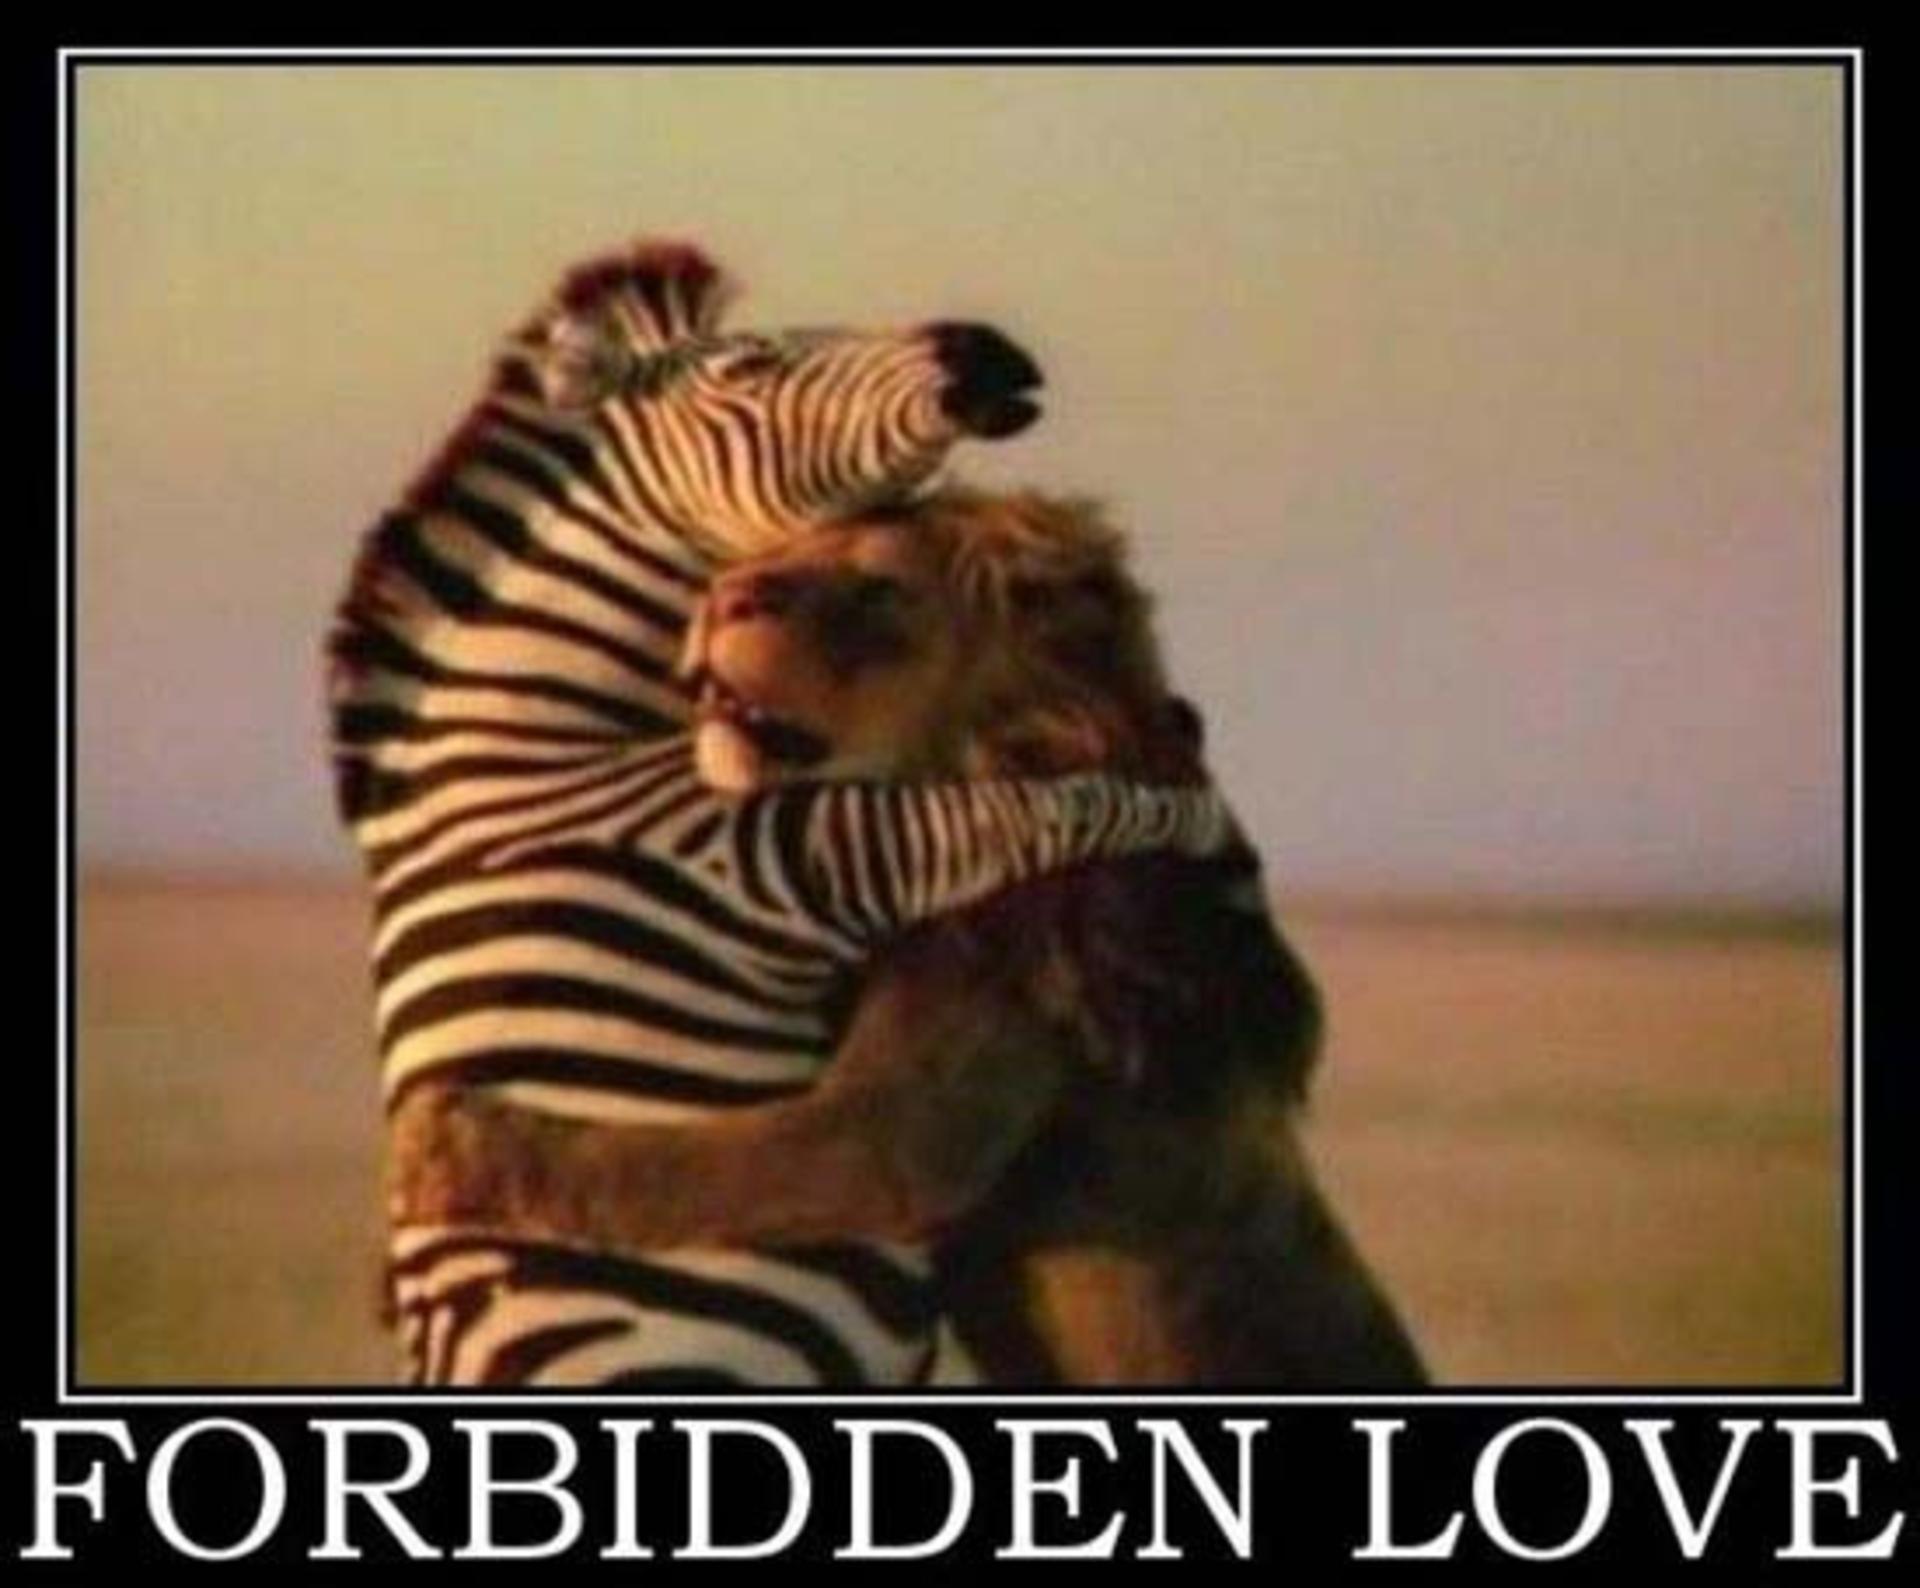 forbidden love between zebra and lion